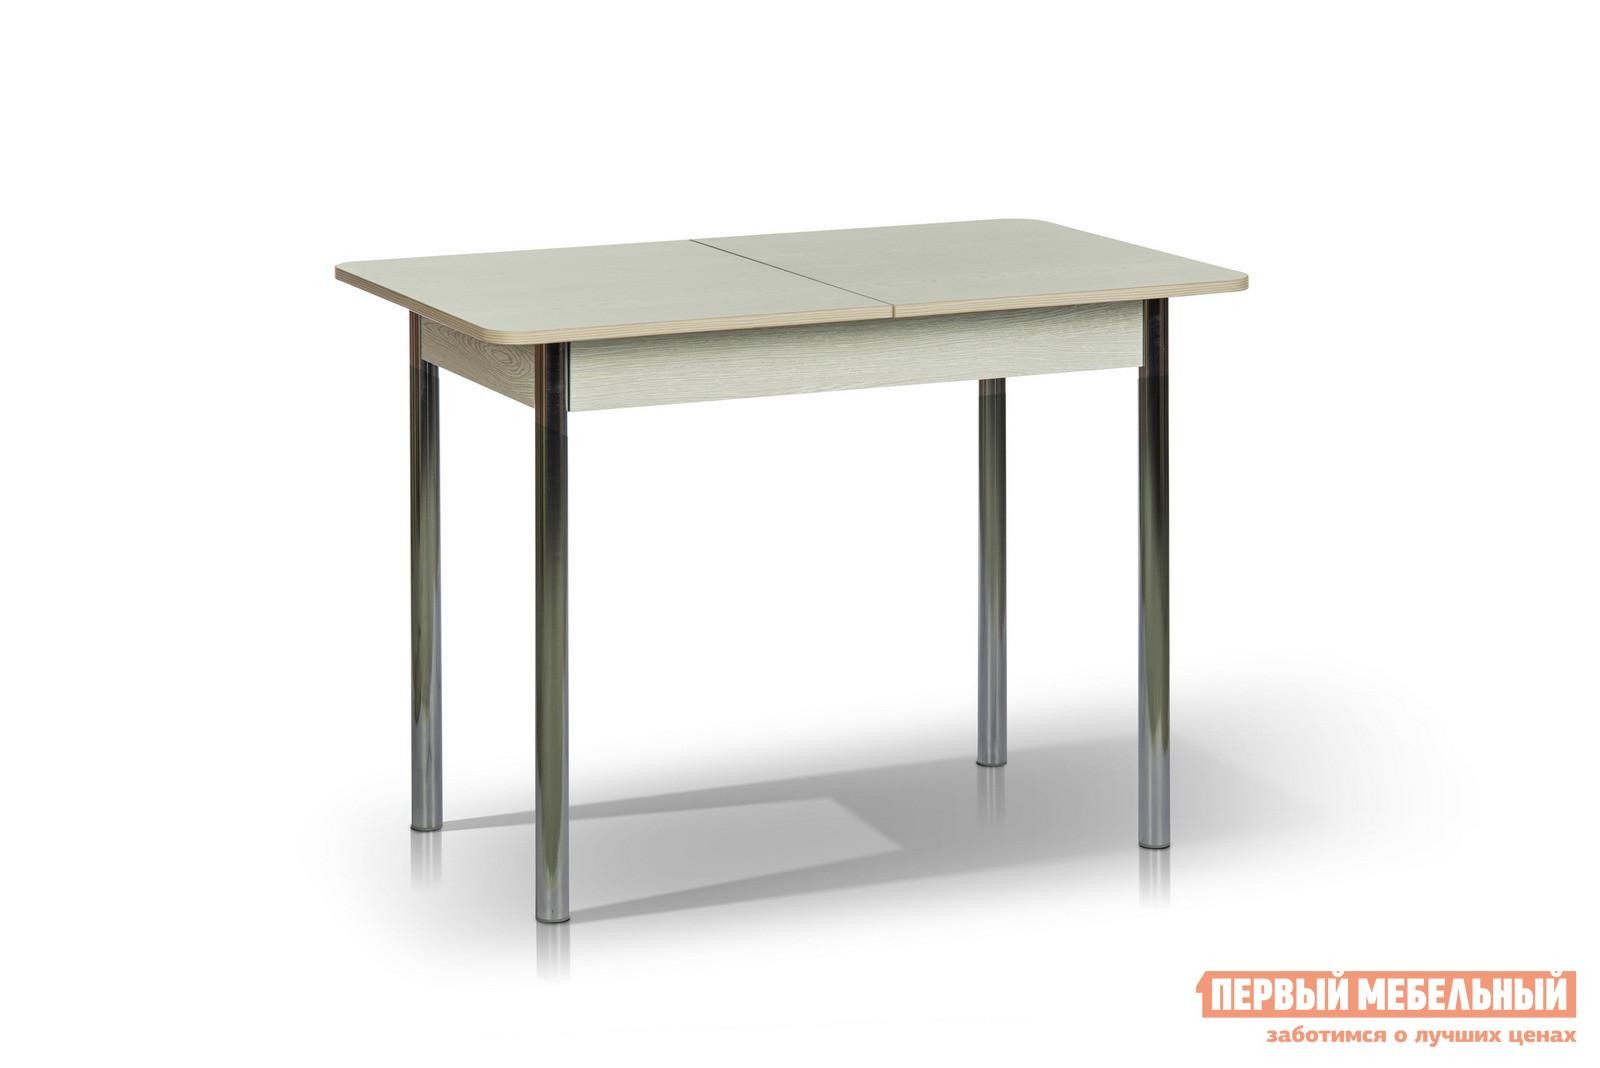 Кухонный стол МегаЭлатон Капри Мини Венге италияКухонные столы<br>Габаритные размеры ВхШхГ 750x1000 / 1320x650 мм. Обеденный стол с раздвижной столешницей прекрасно подойдет для небольшой кухни.  Простые и строгие формы добавляют столу изящности и позволяют ему вписаться в любой интерьер.  Модель оснащена шариковым механизмом, благодаря которому столешница легко и быстро трансформируется. Размер стола:В собранном виде (ВхШхГ): 750 х 1000 х 650 мм;В разложенном виде (ВхШхГ): 750 х 1320 х 650 мм;Металлические ножки выполнены из хромированной трубы.  Каркас столешницы изготовлен из ЛДСП толщиной 16 мм и МДФ толщиной 18 мм.  Торцевые части облицованы противоударной пленкой ПВХ толщиной 2 мм.<br><br>Цвет: Венге италия<br>Цвет: Светлое дерево<br>Высота мм: 750<br>Ширина мм: 1000 / 1320<br>Глубина мм: 650<br>Кол-во упаковок: 1<br>Форма поставки: В разобранном виде<br>Срок гарантии: 12 месяцев<br>Тип: Раздвижные, Трансформер<br>Материал: Деревянные, из ЛДСП, из МДФ<br>Форма: Прямоугольные<br>Размер: Маленькие<br>Особенности: С металлическими ножками